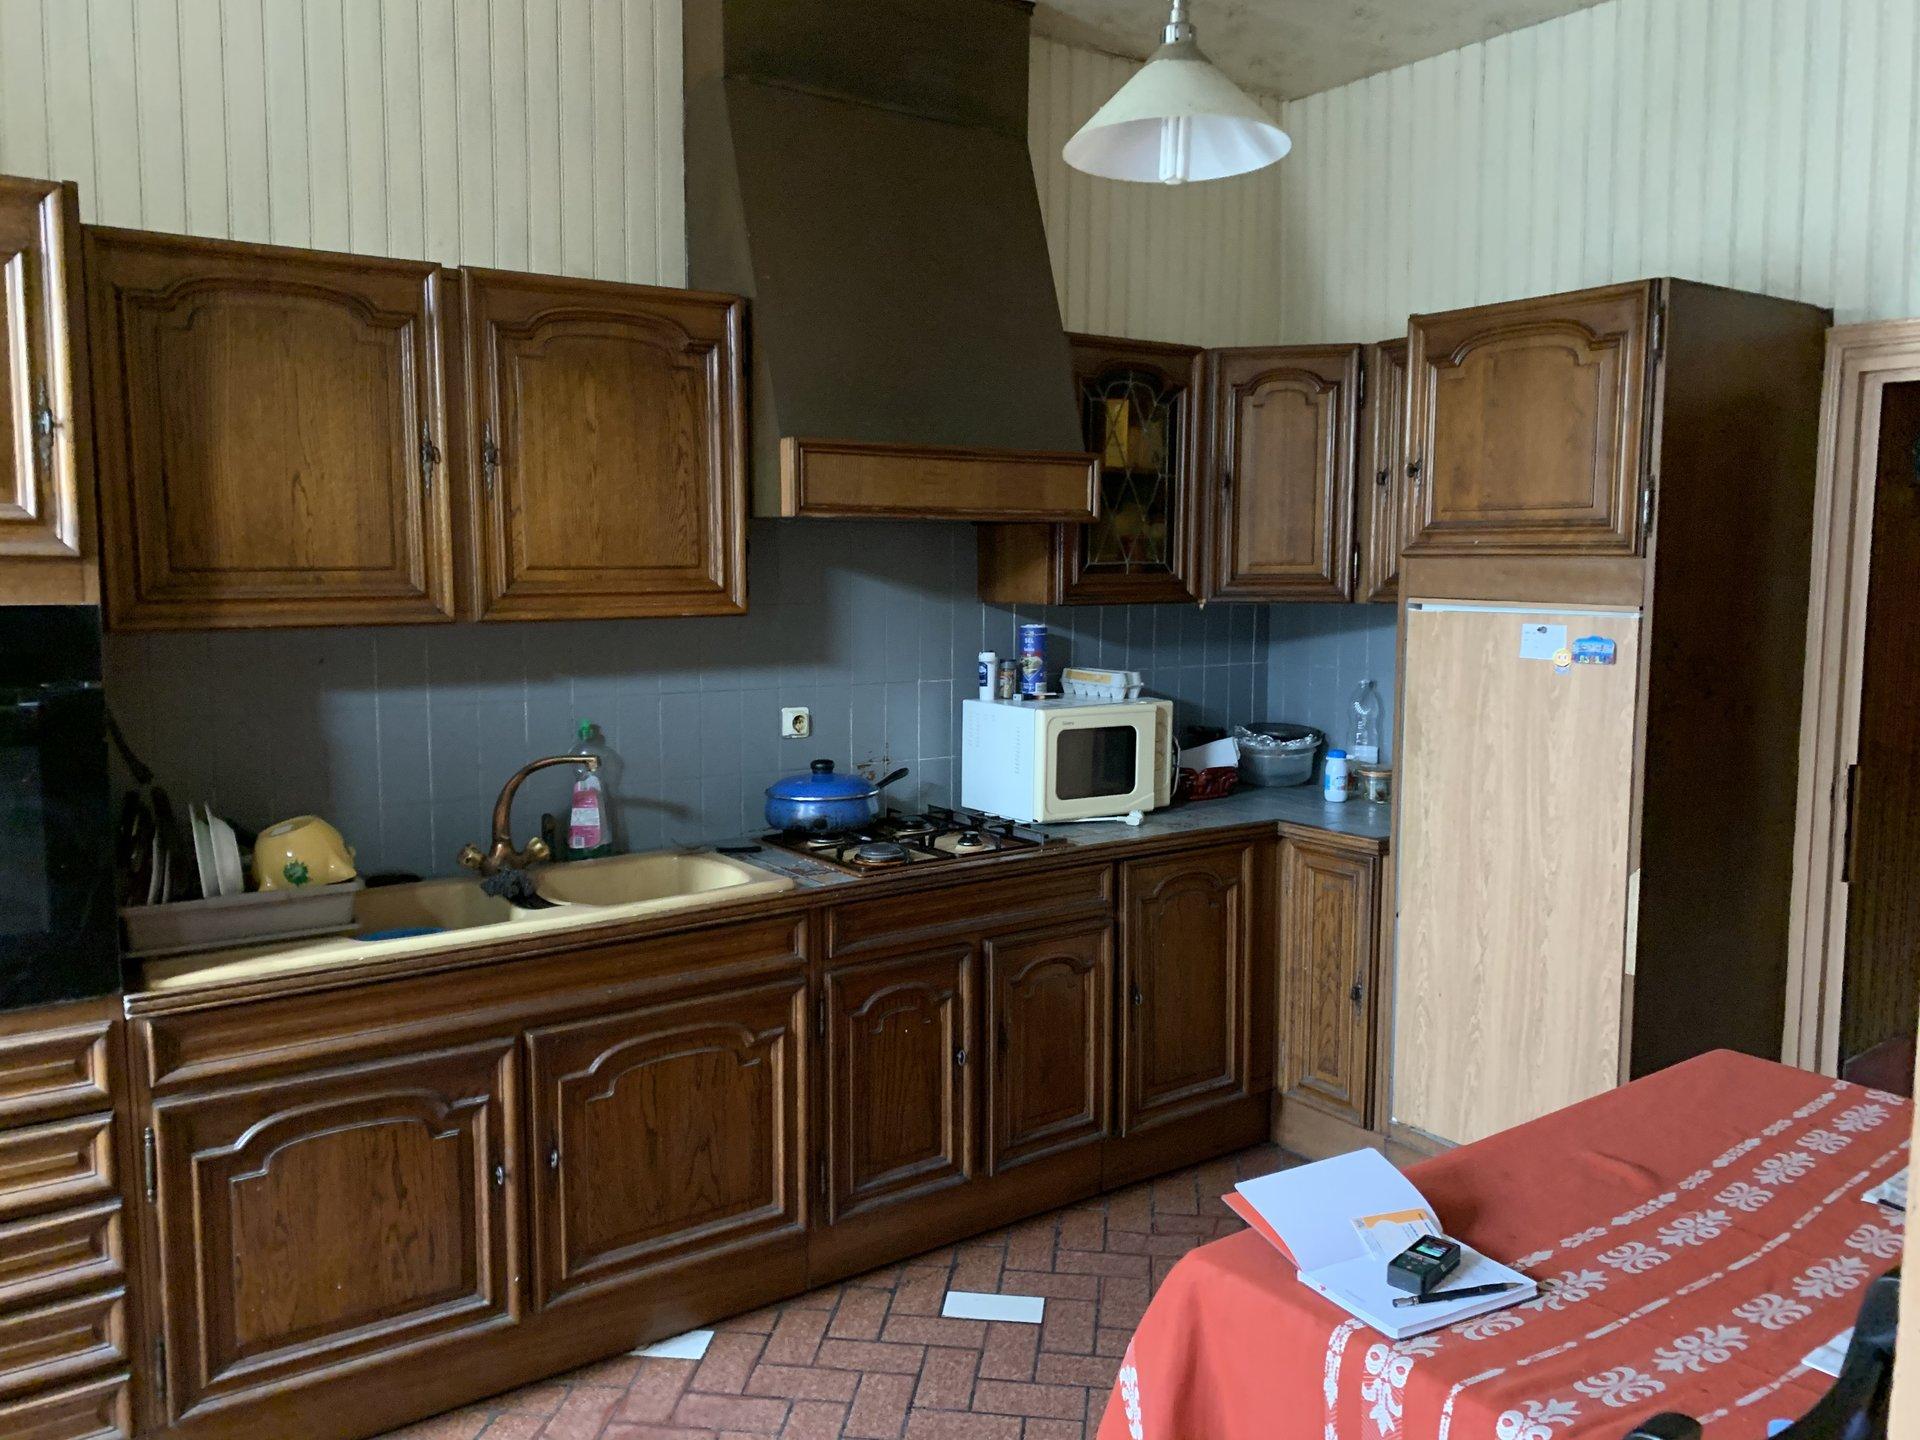 5902JMM - Maison de bourg - St Germain-des-F